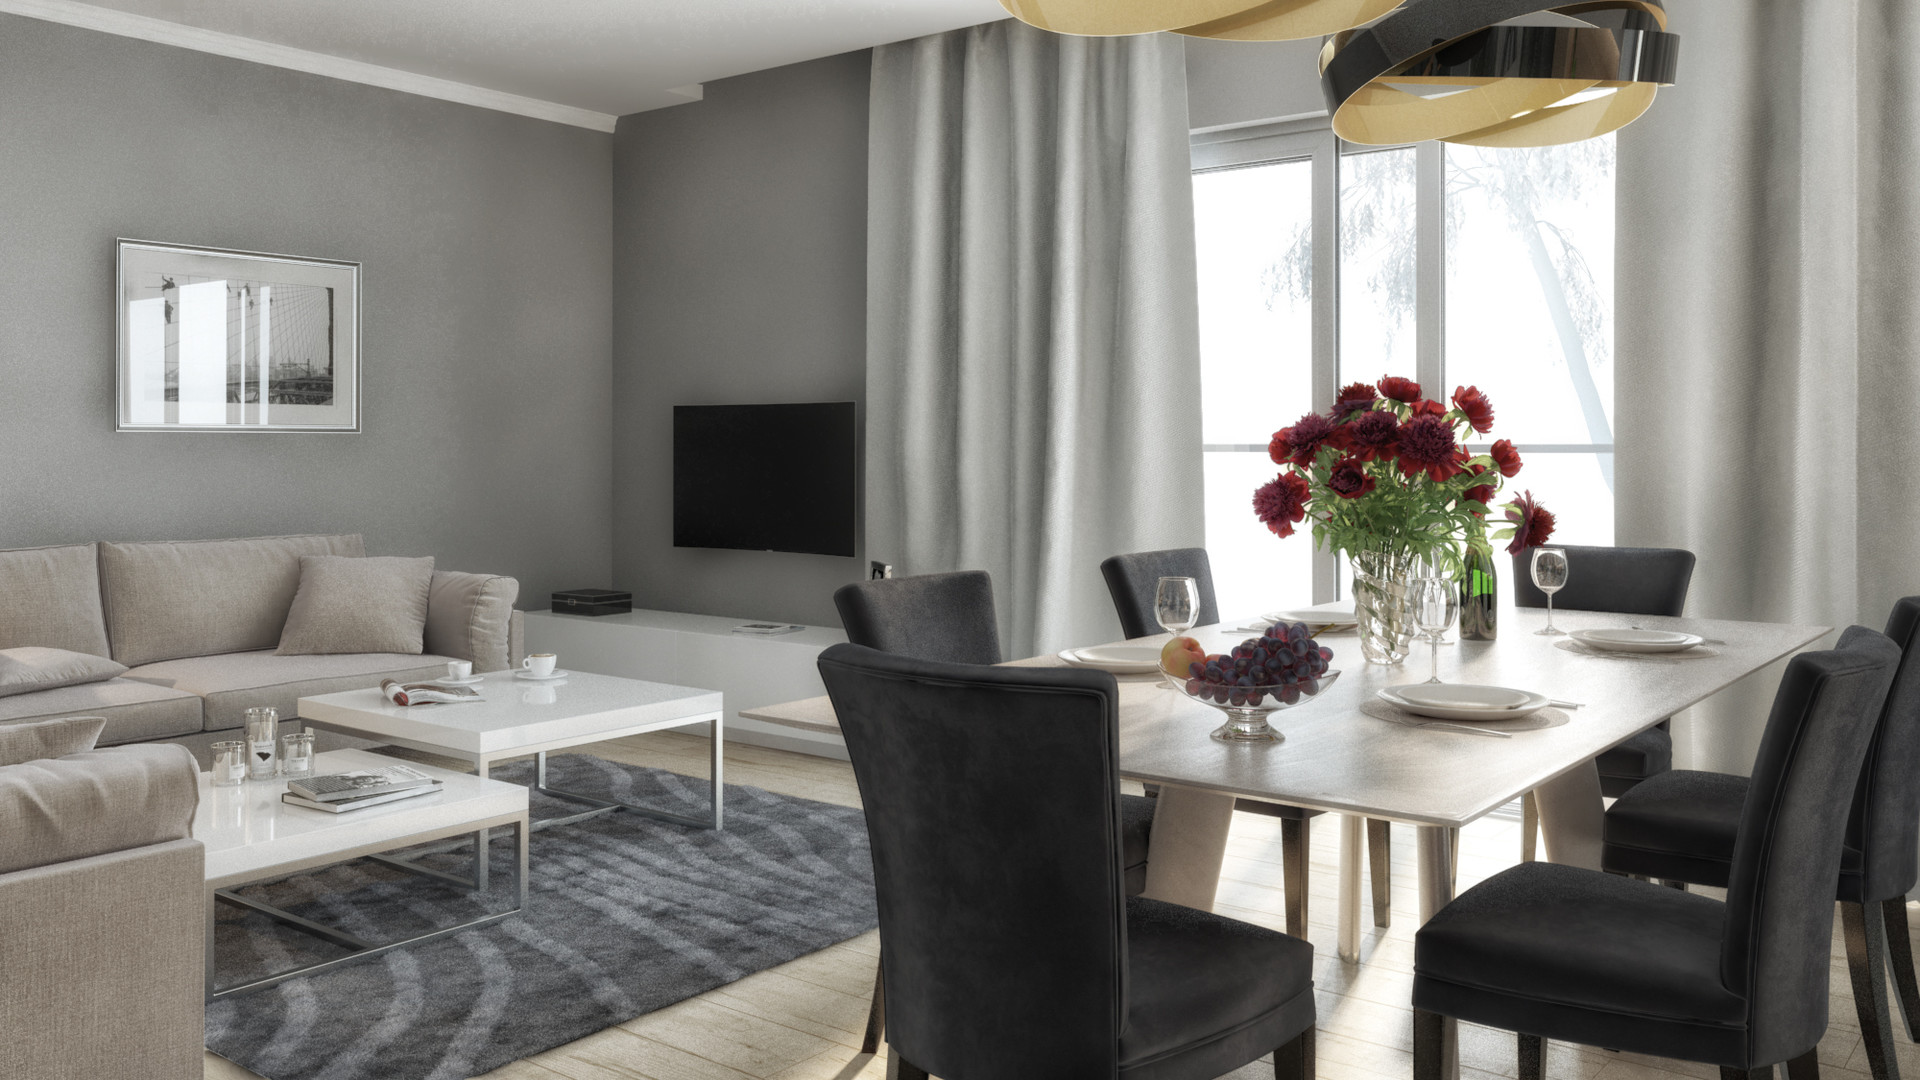 Pawel oleskow mieszkanie apartament ujecie 4